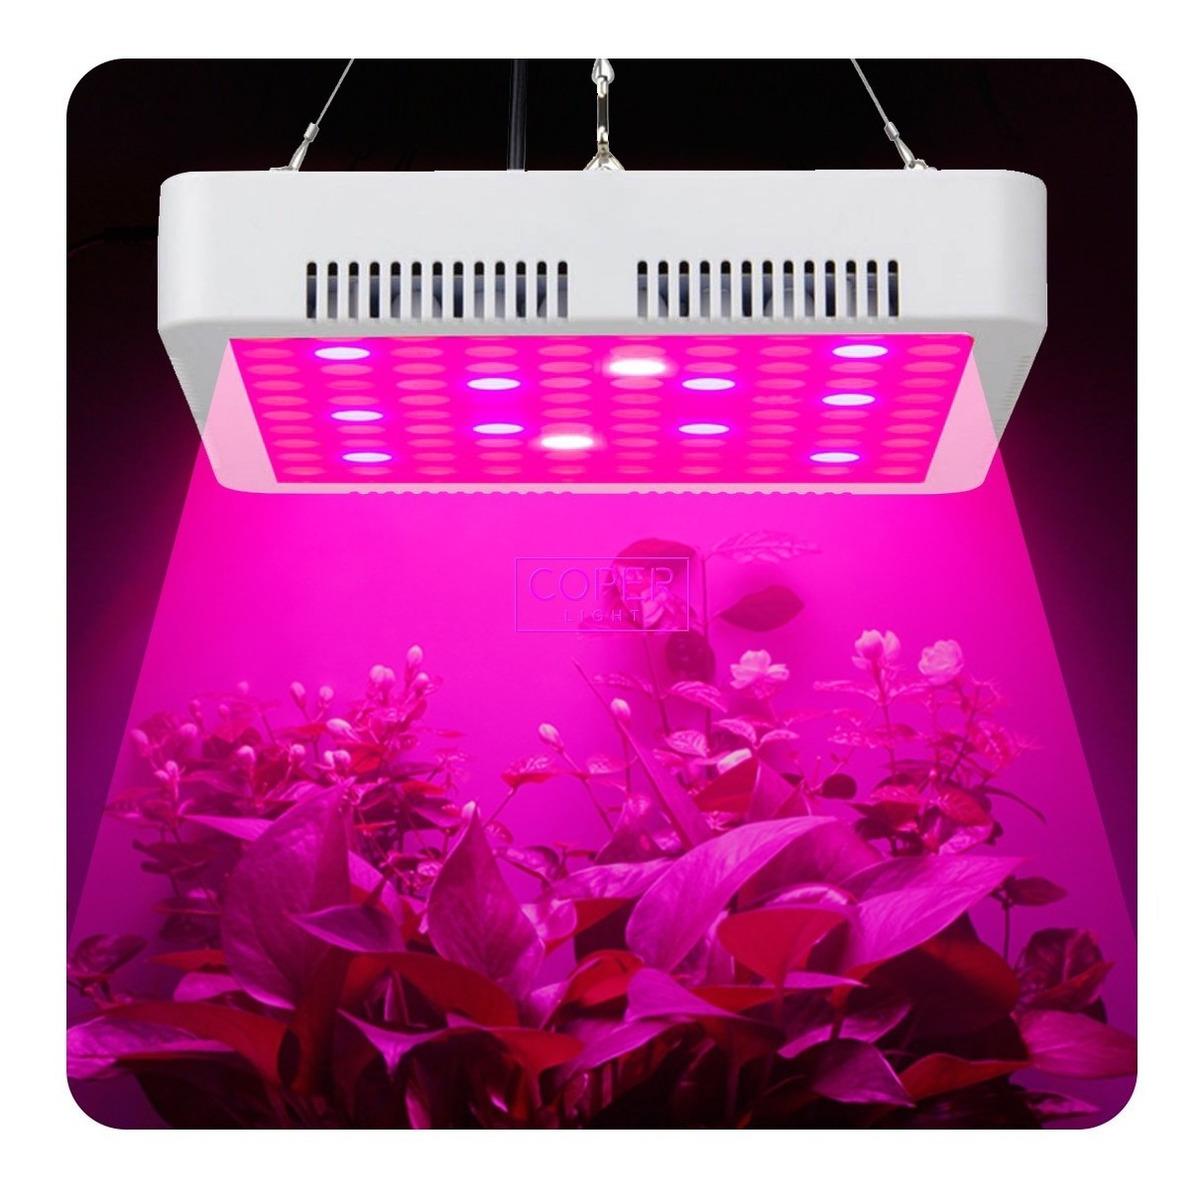 Crecimiento Panel Plantas Led Indoor 420w Cultivo De Lampara QBotshdrCx